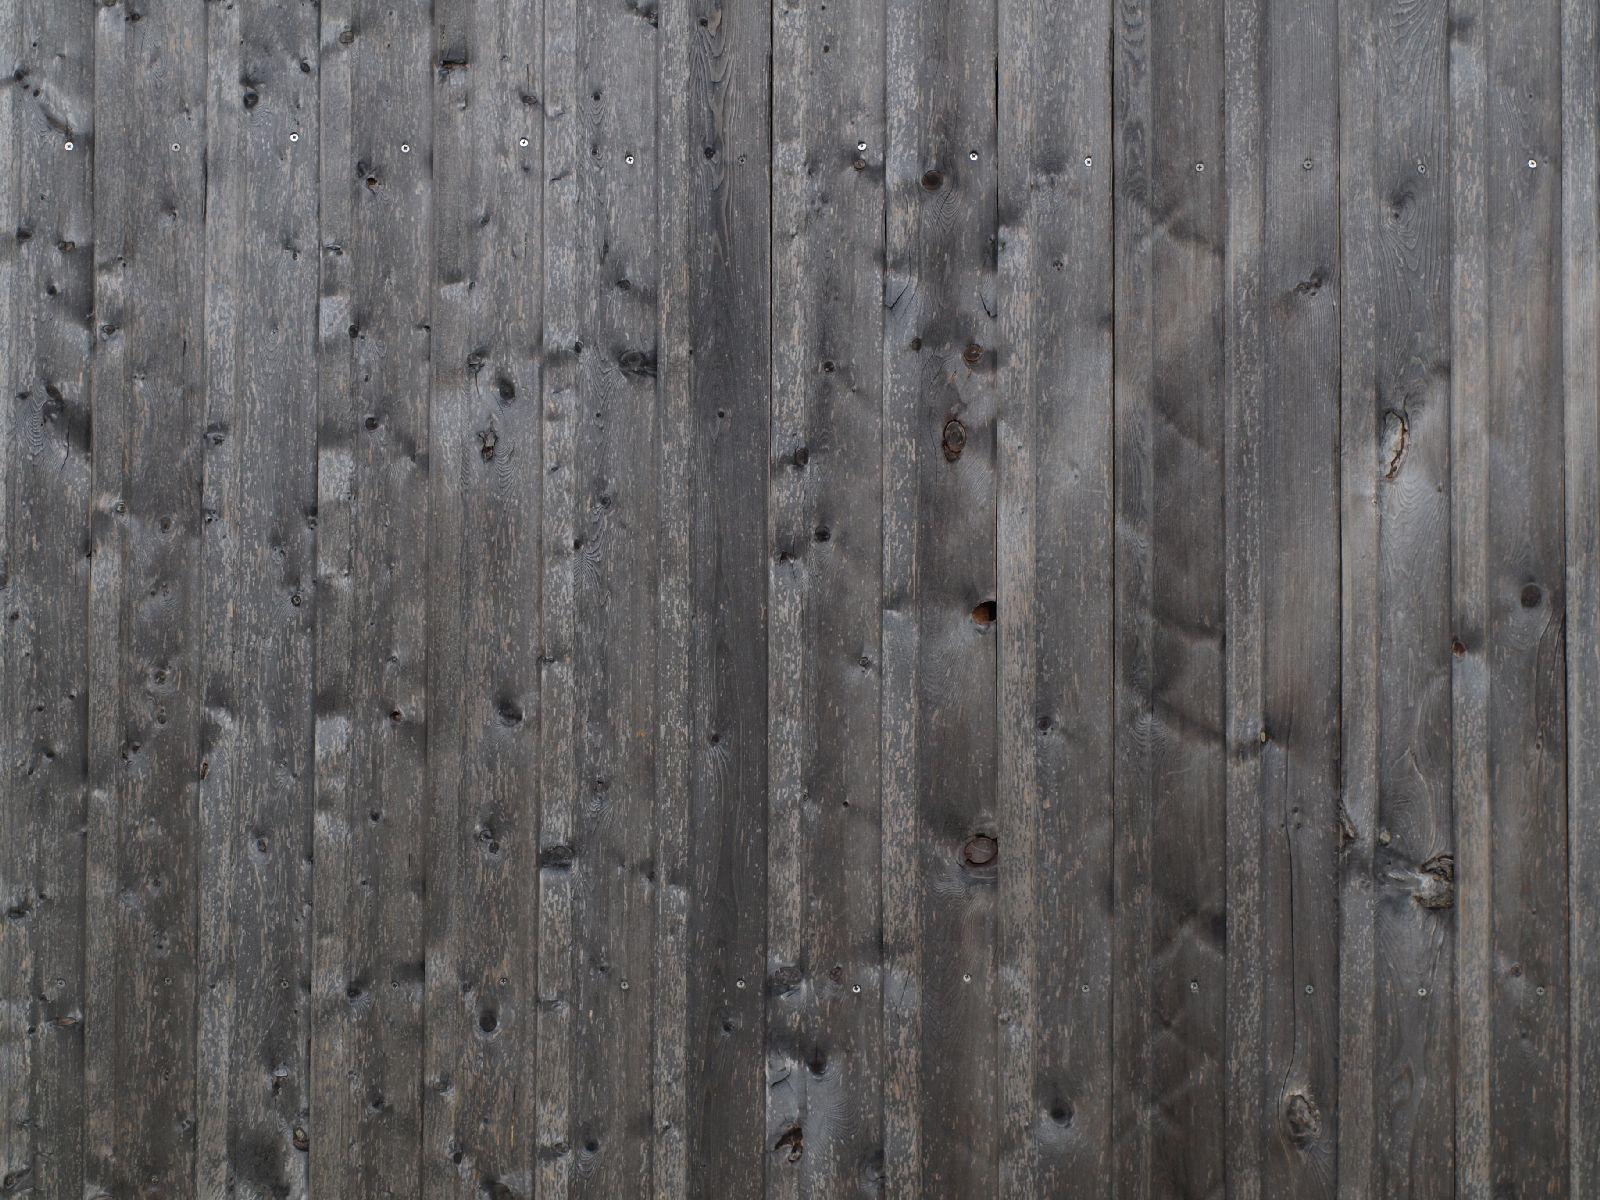 Holz_Textur_A_P6063264